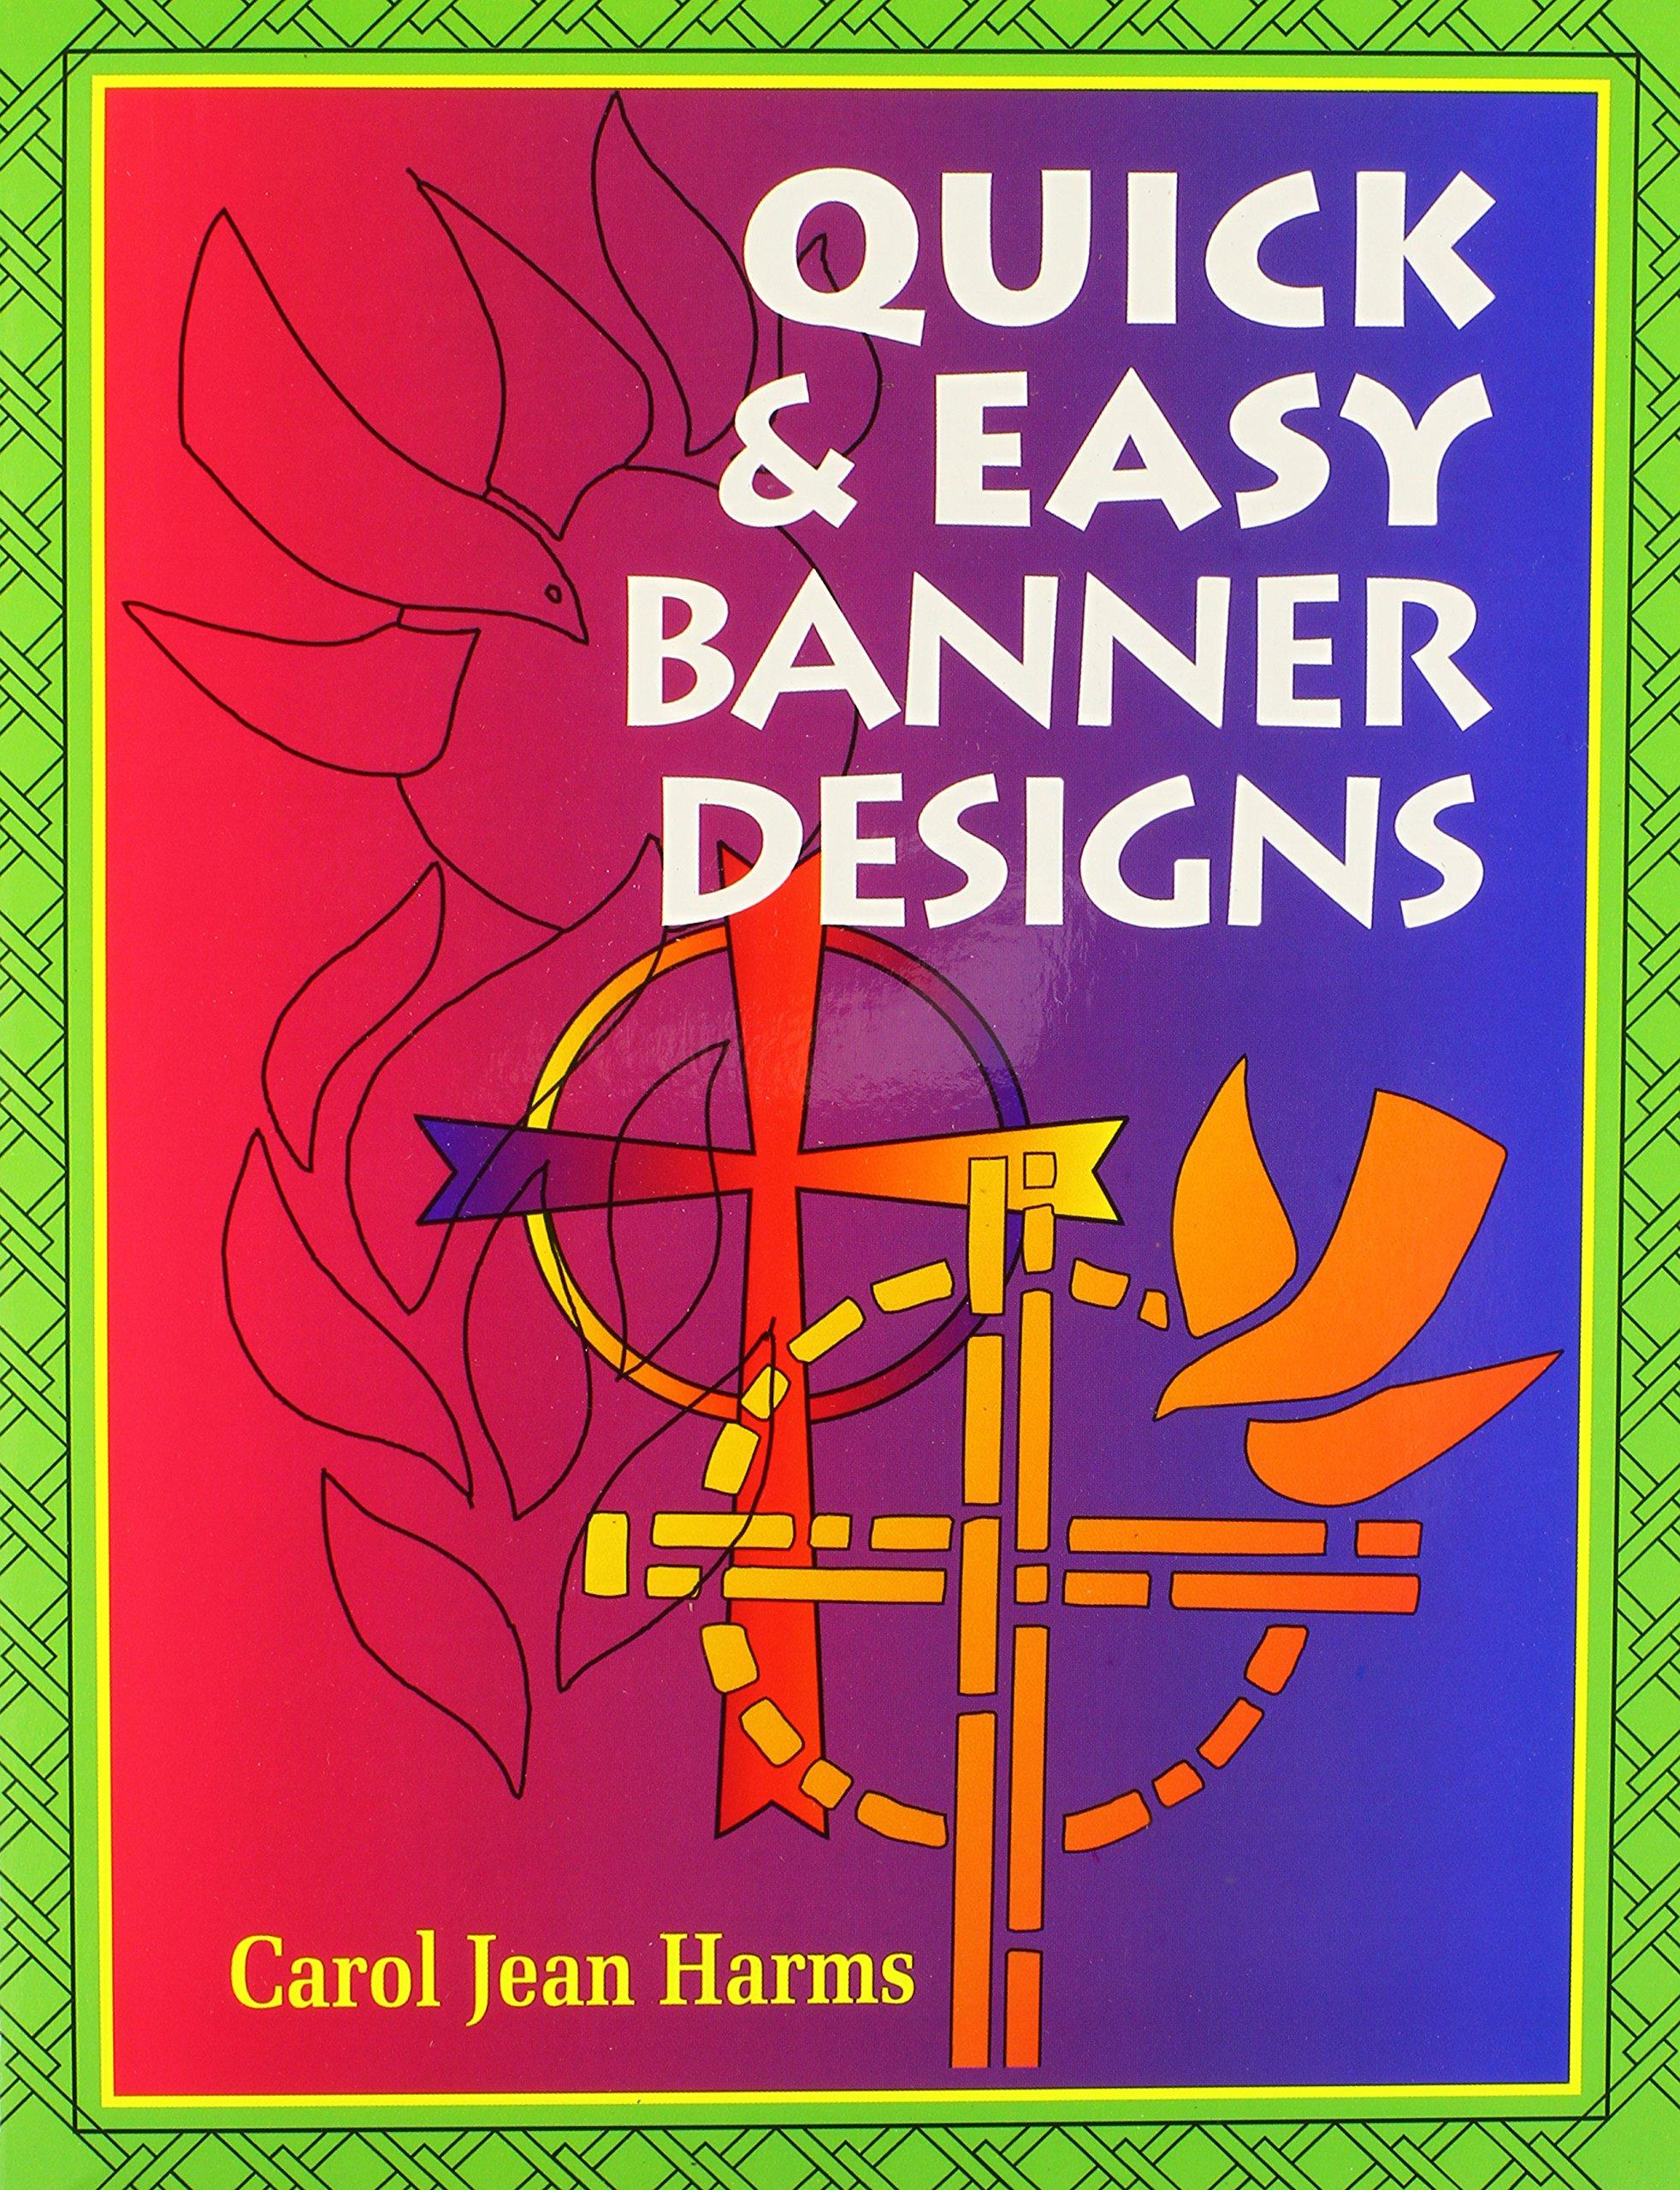 Quick & Easy Banner Designs: Carol Jean Harms: 9780570048428: Amazon ...